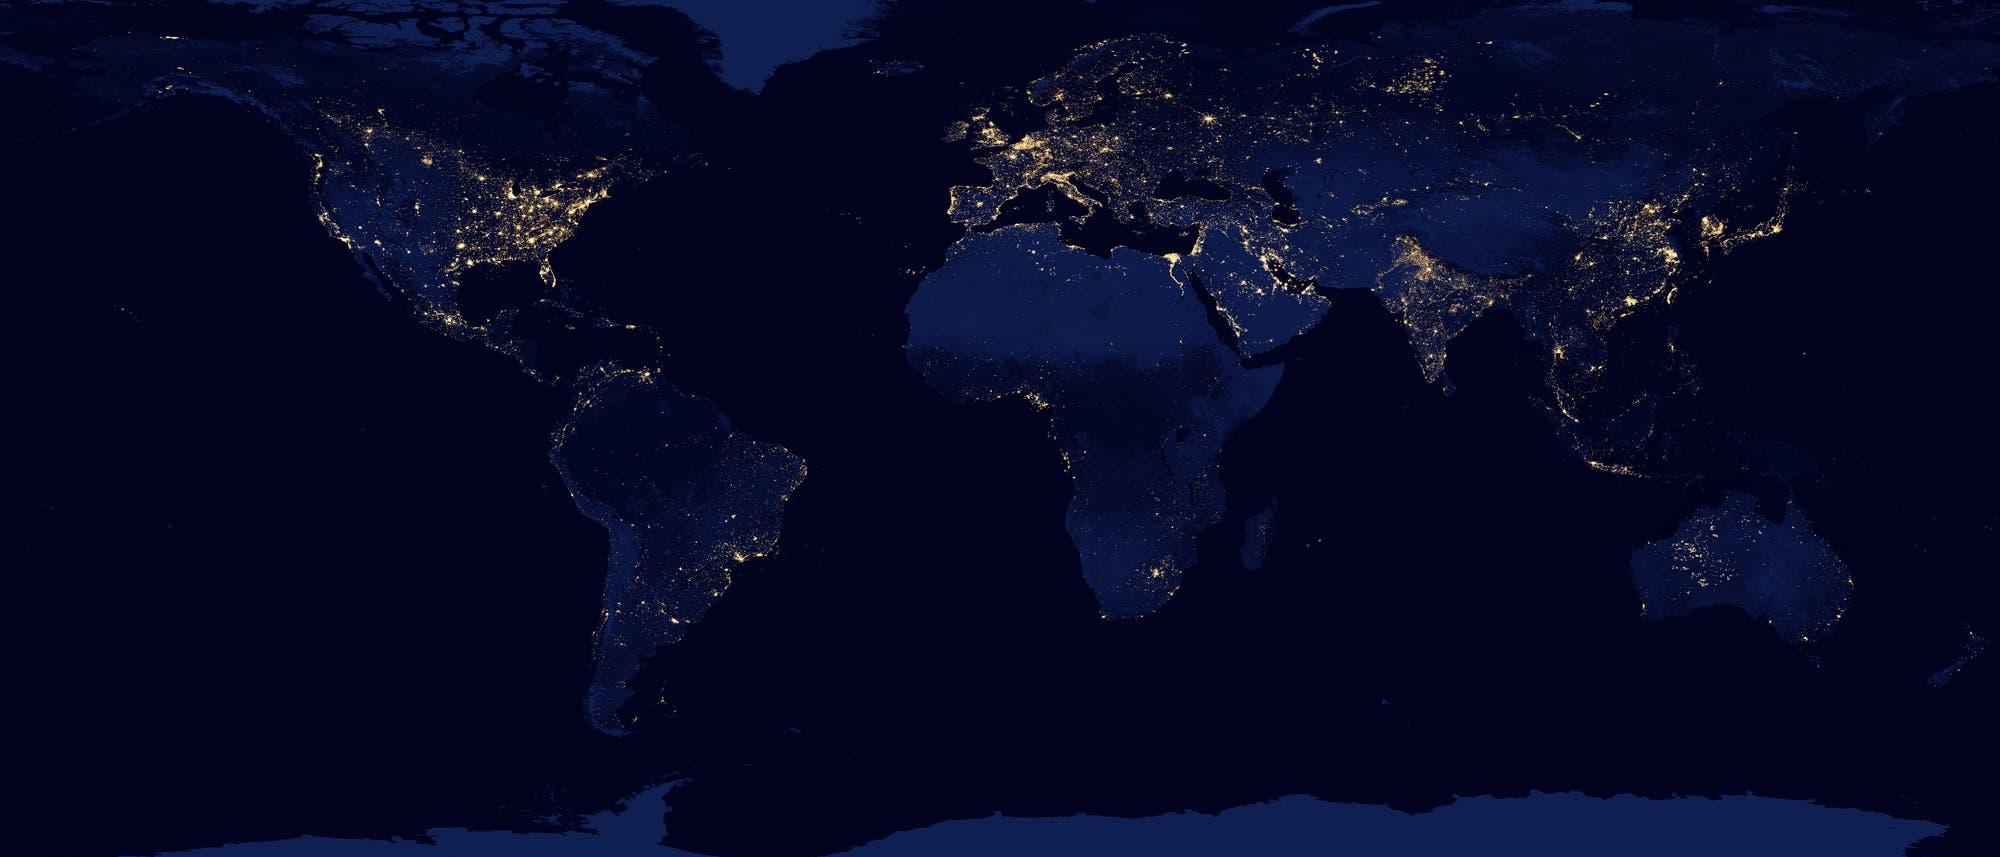 Die Nachtseite der Erde verrät, wo die großen Metropolen liegen: Sie verraten sich anhand ihrer künstlichen Beleuchtung. Das Bild wurde aus Daten der Kamera VIIRS-DNB an Bord des Satelliten Suomi NPP vom April und Oktober 2012 erstellt.